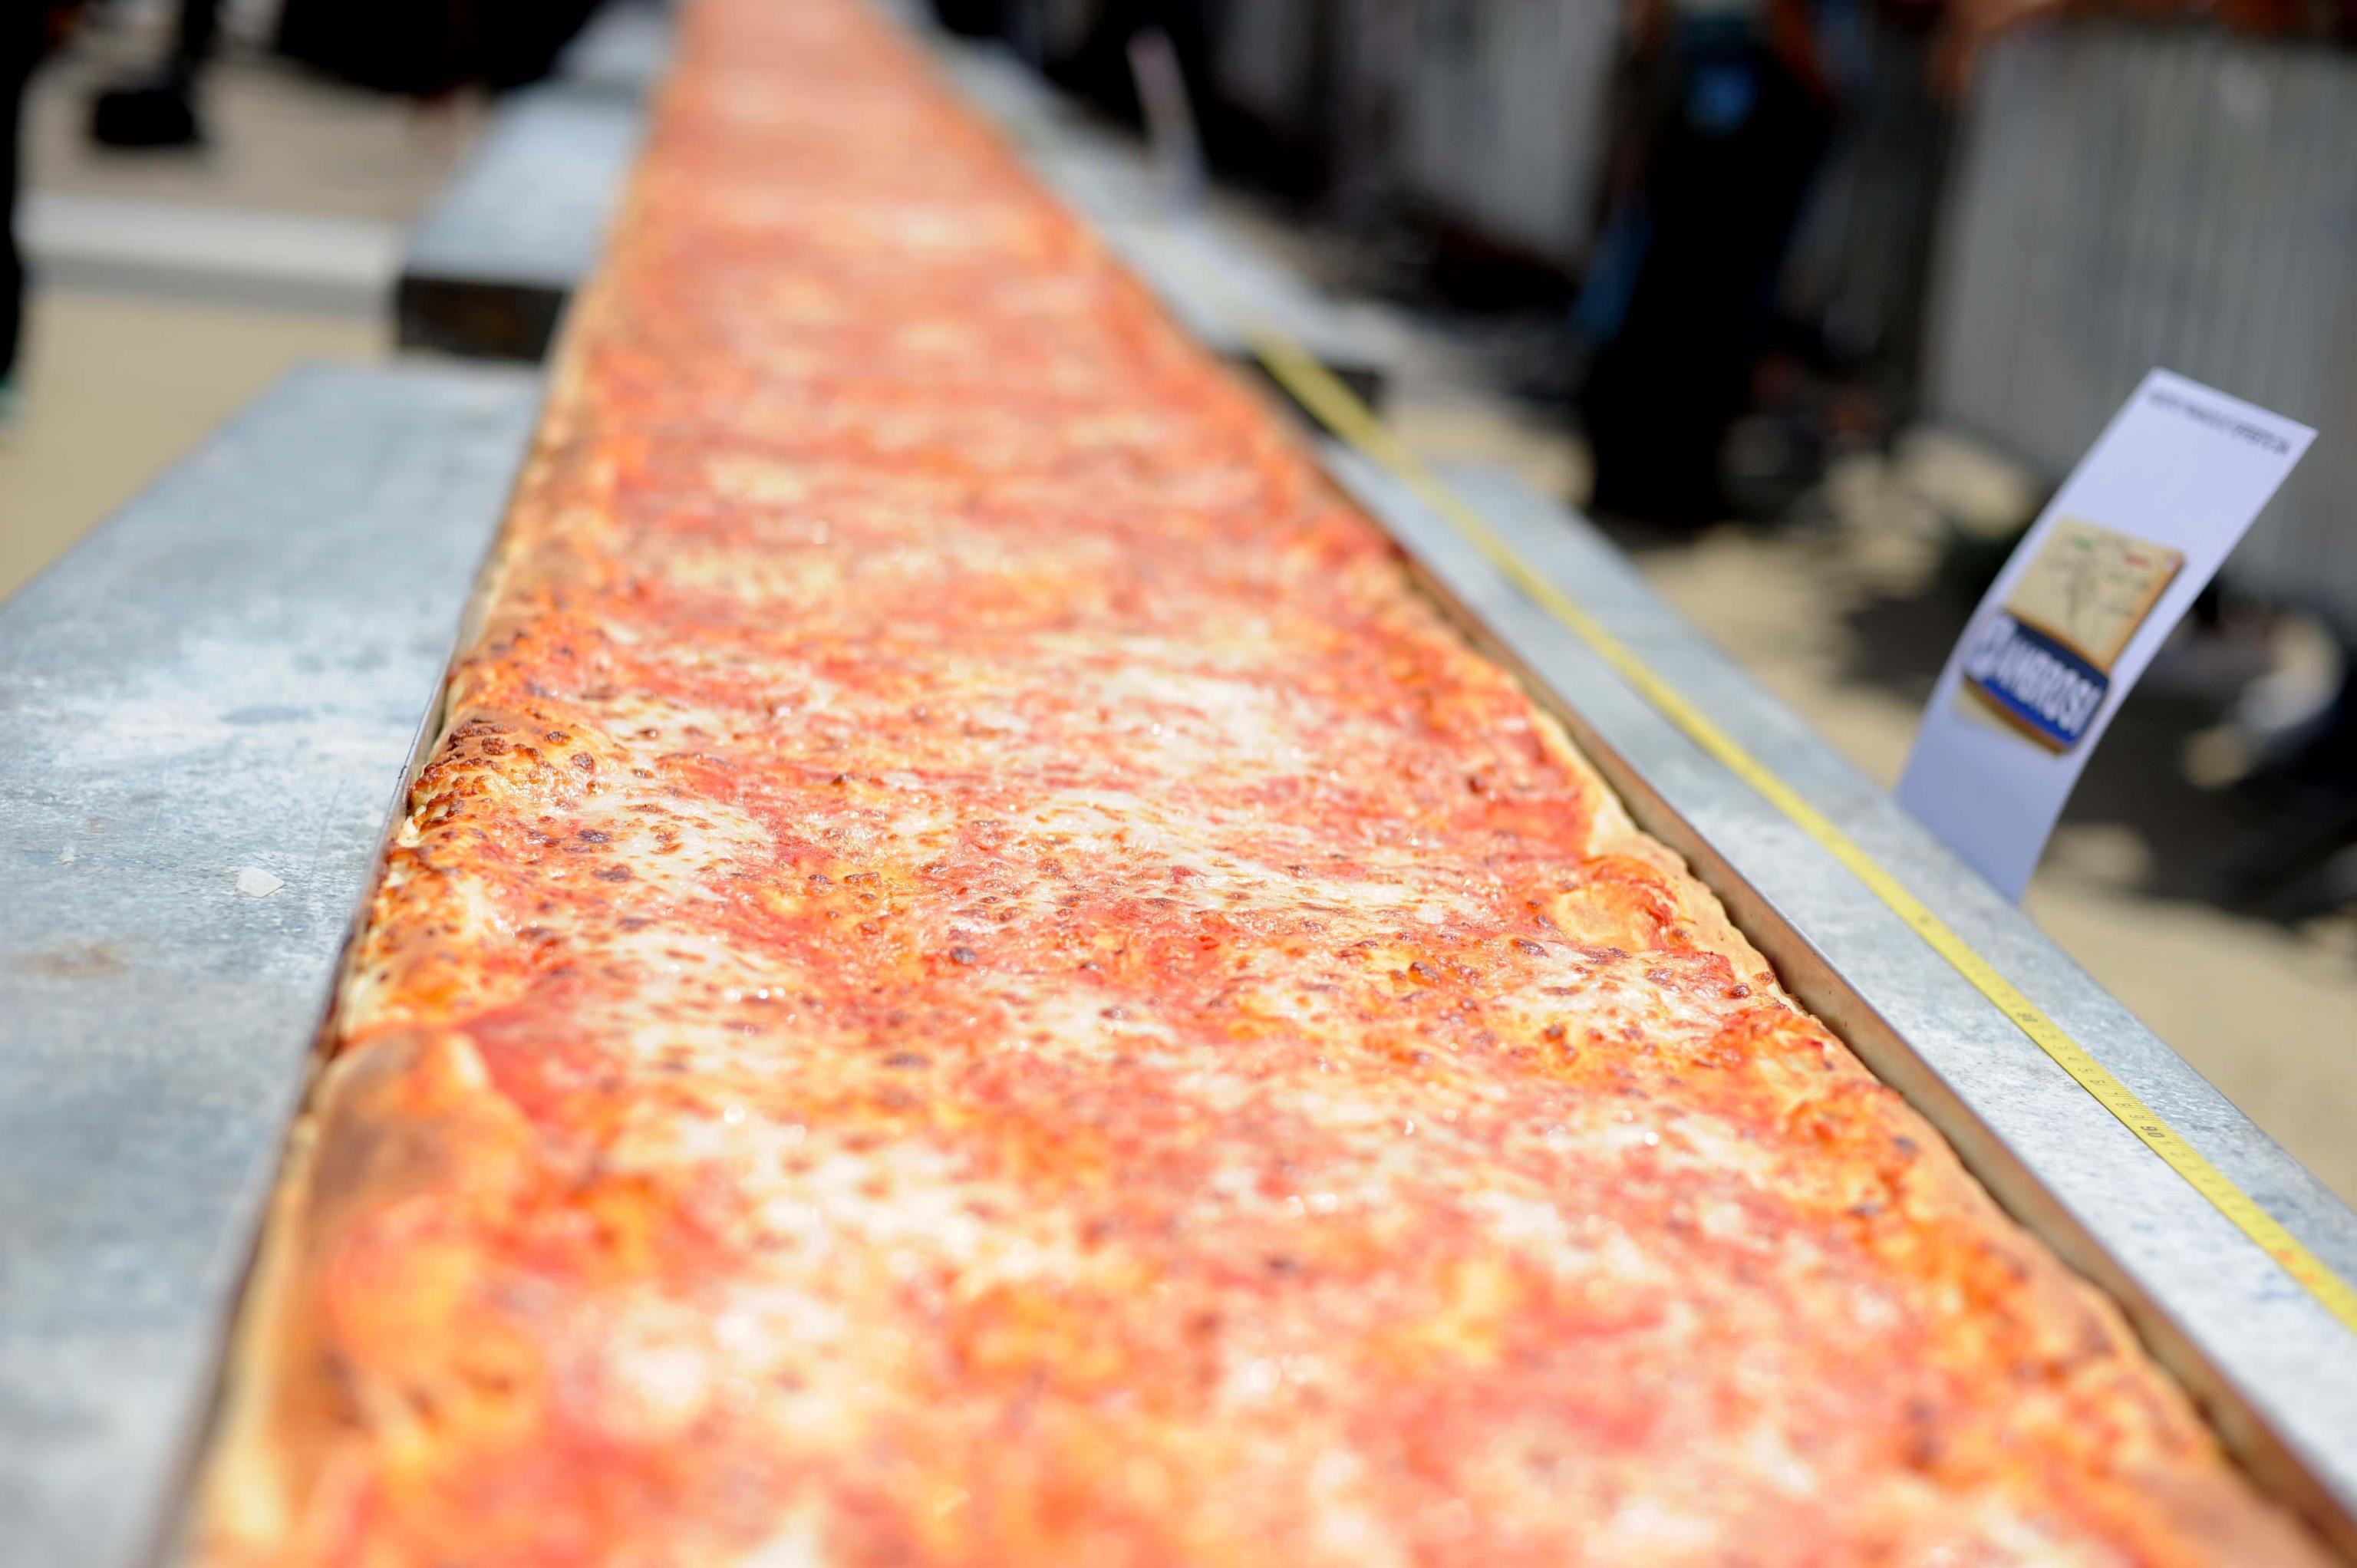 Evade dai domiciliari per mangiare la pizza: 'Mia mamma cucina male'